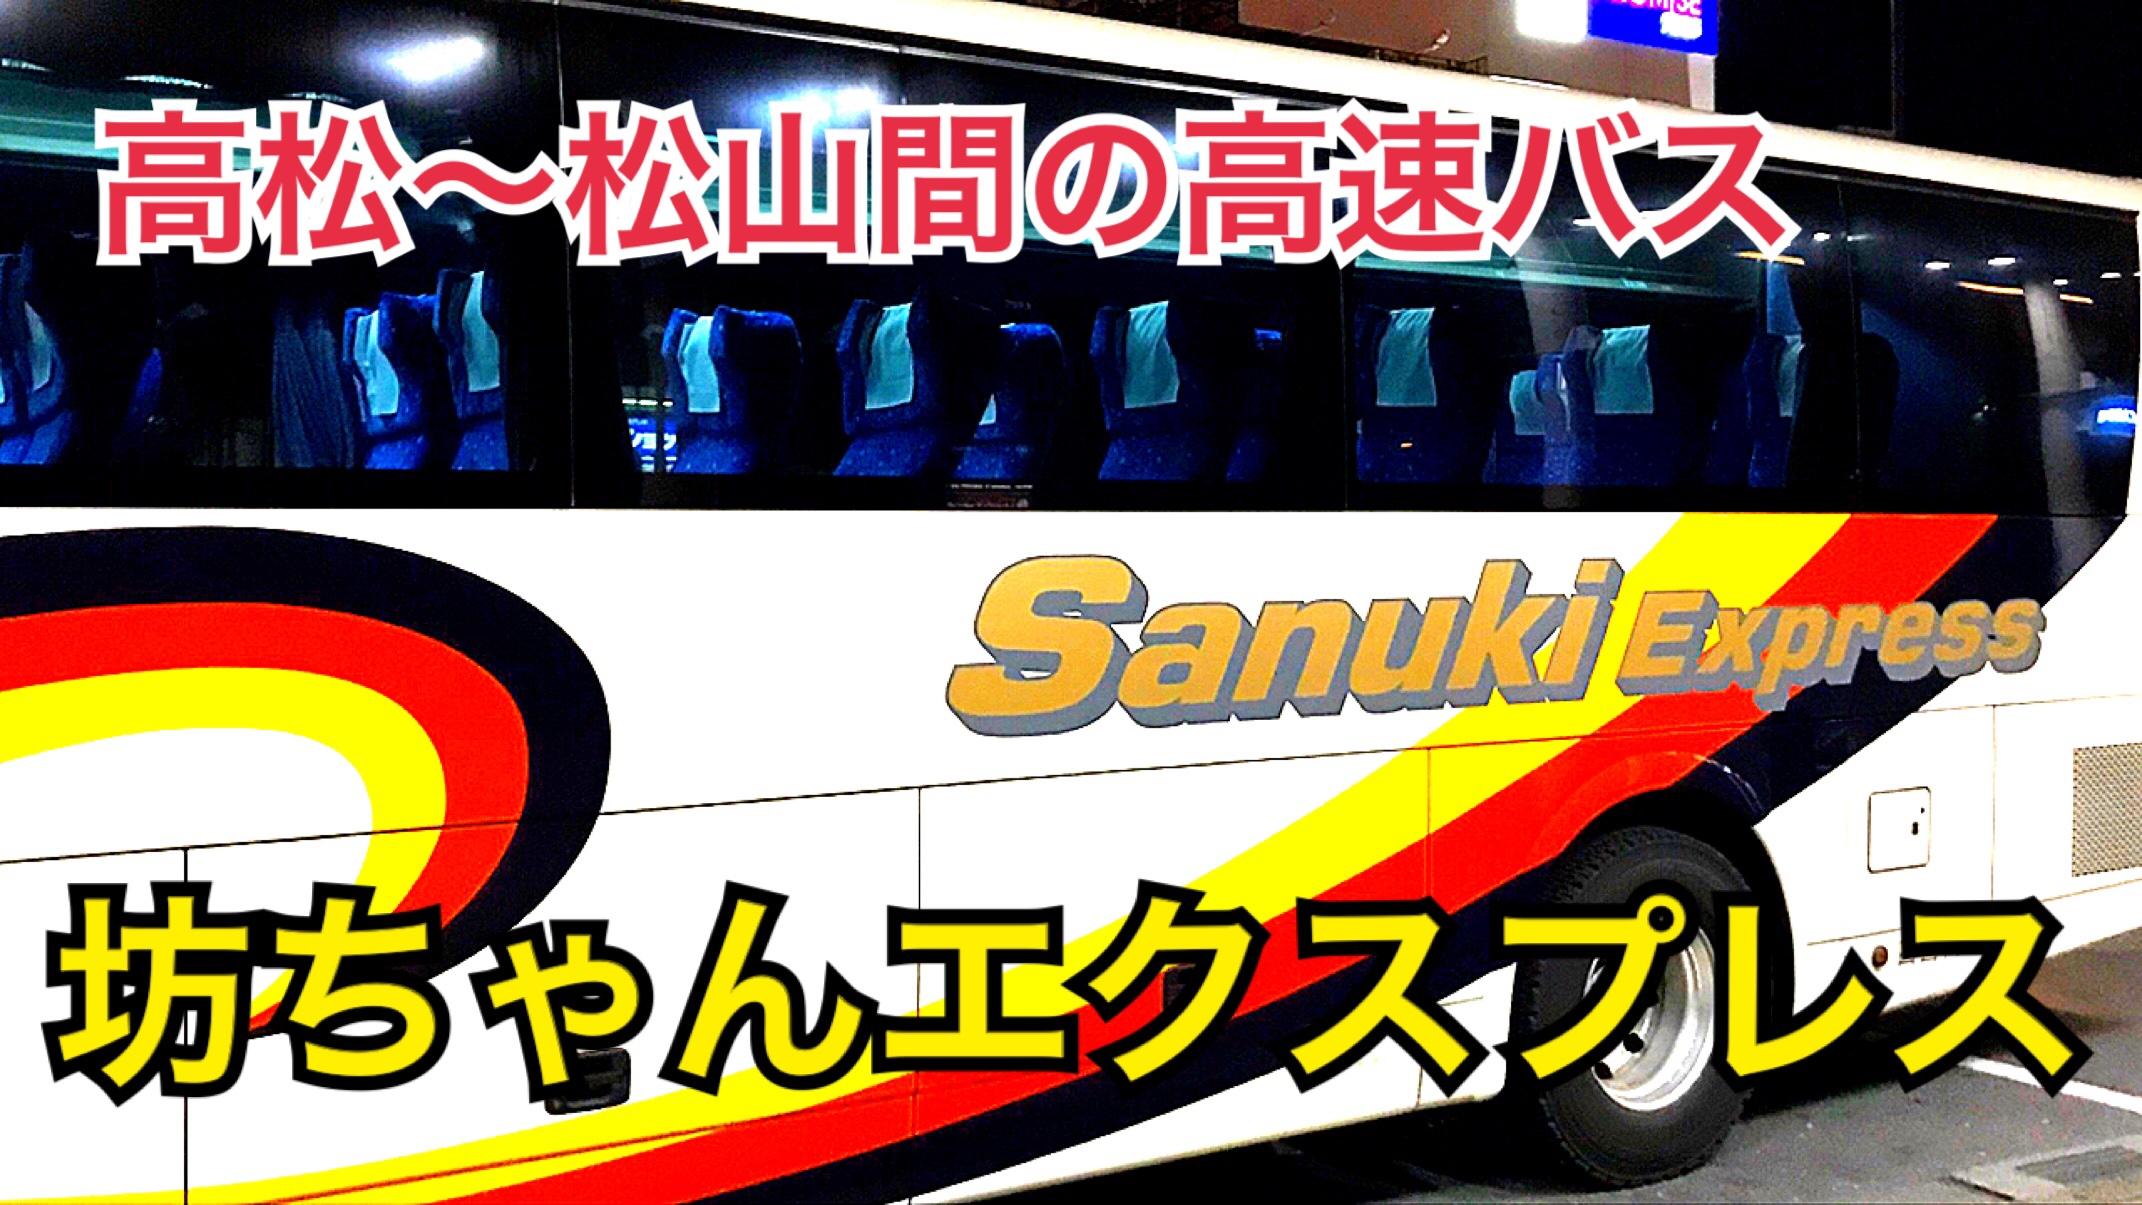 高松松山間の高速バスは意外と便利!坊ちゃんエクスプレスに乗ってみよう!【日本周遊の旅】